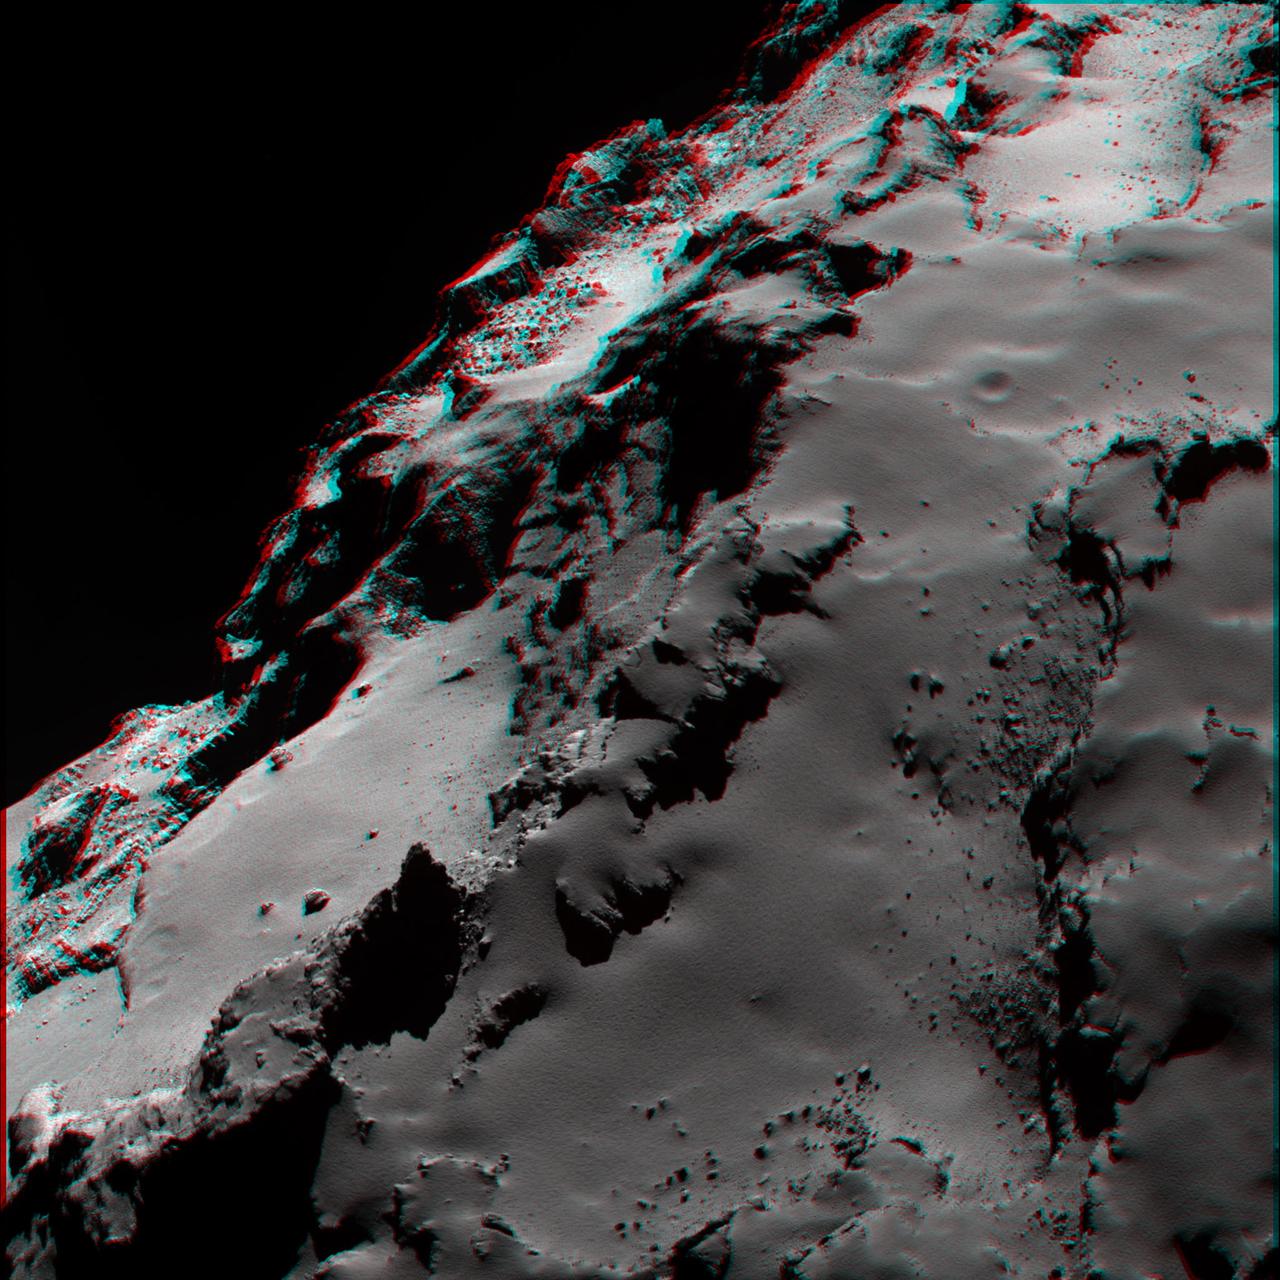 1567215812502-ESA_Rosetta_OSIRIS_Ash_anaglyph_1280.jpg